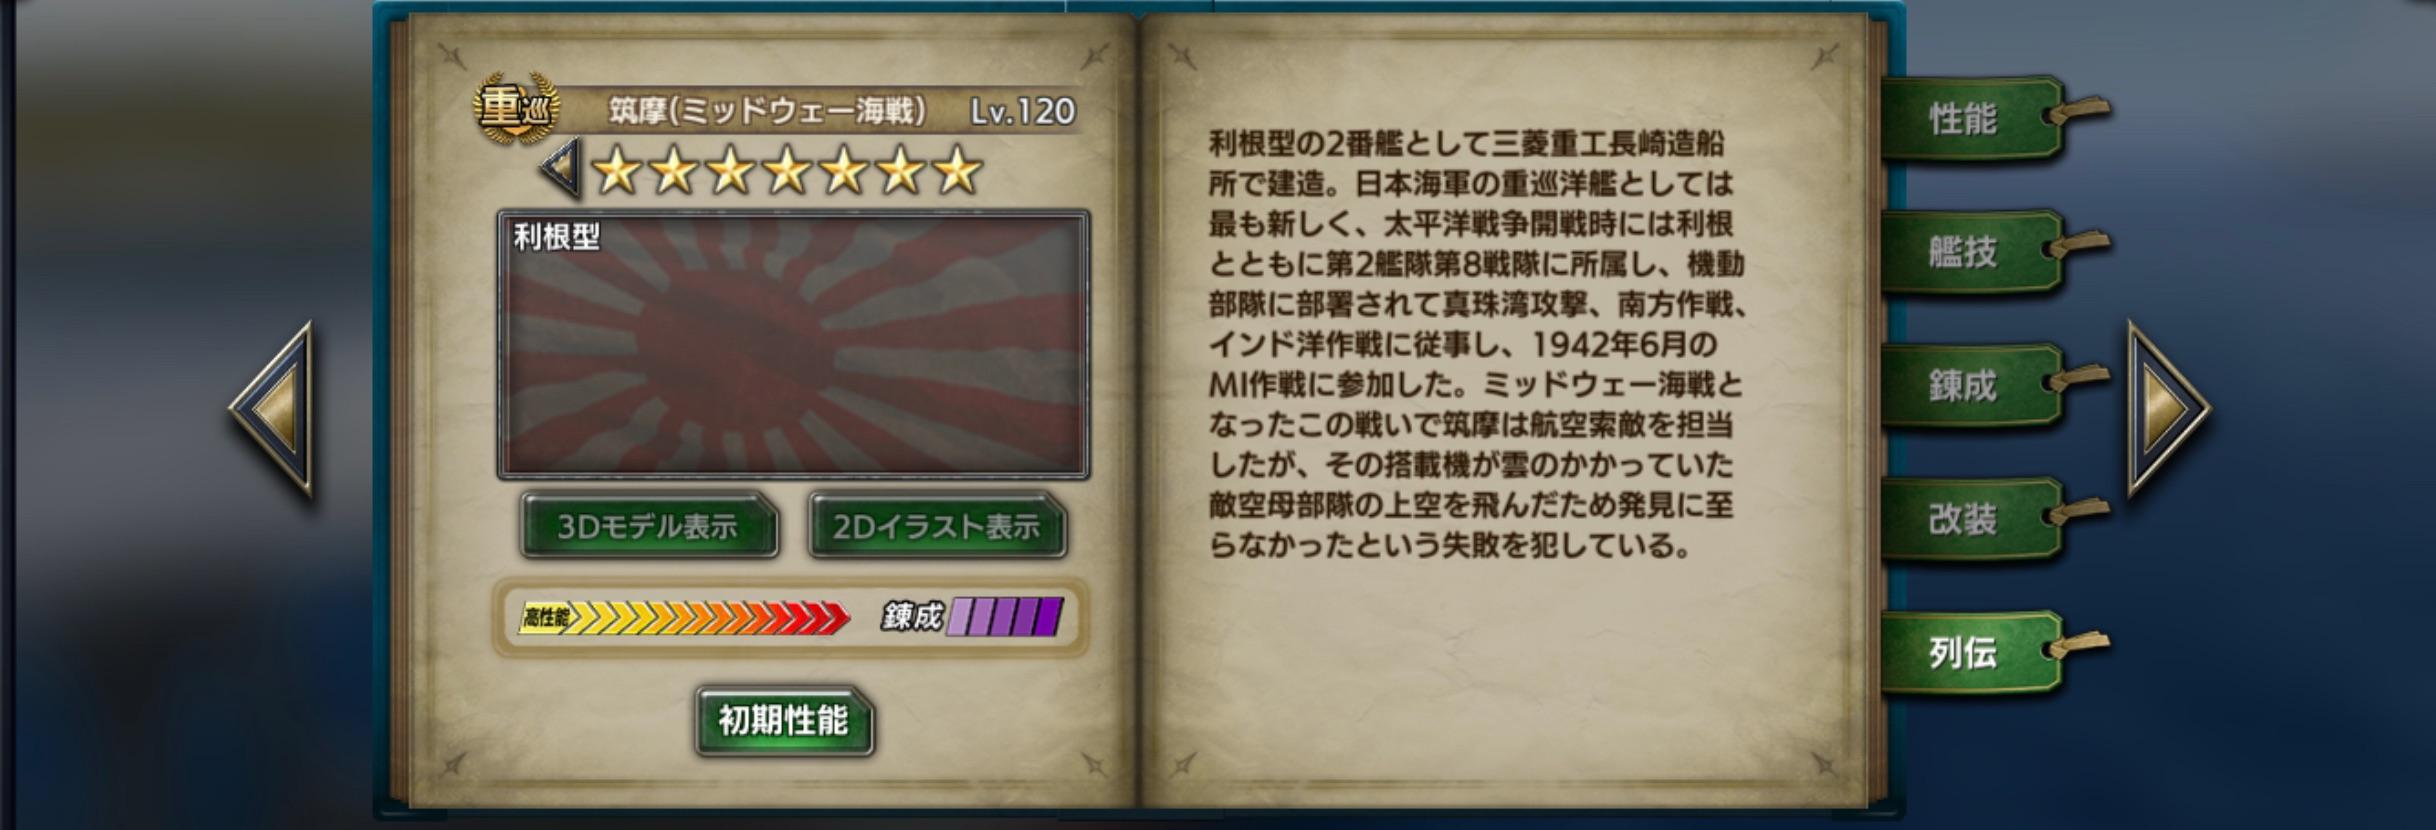 ChikumaM-history